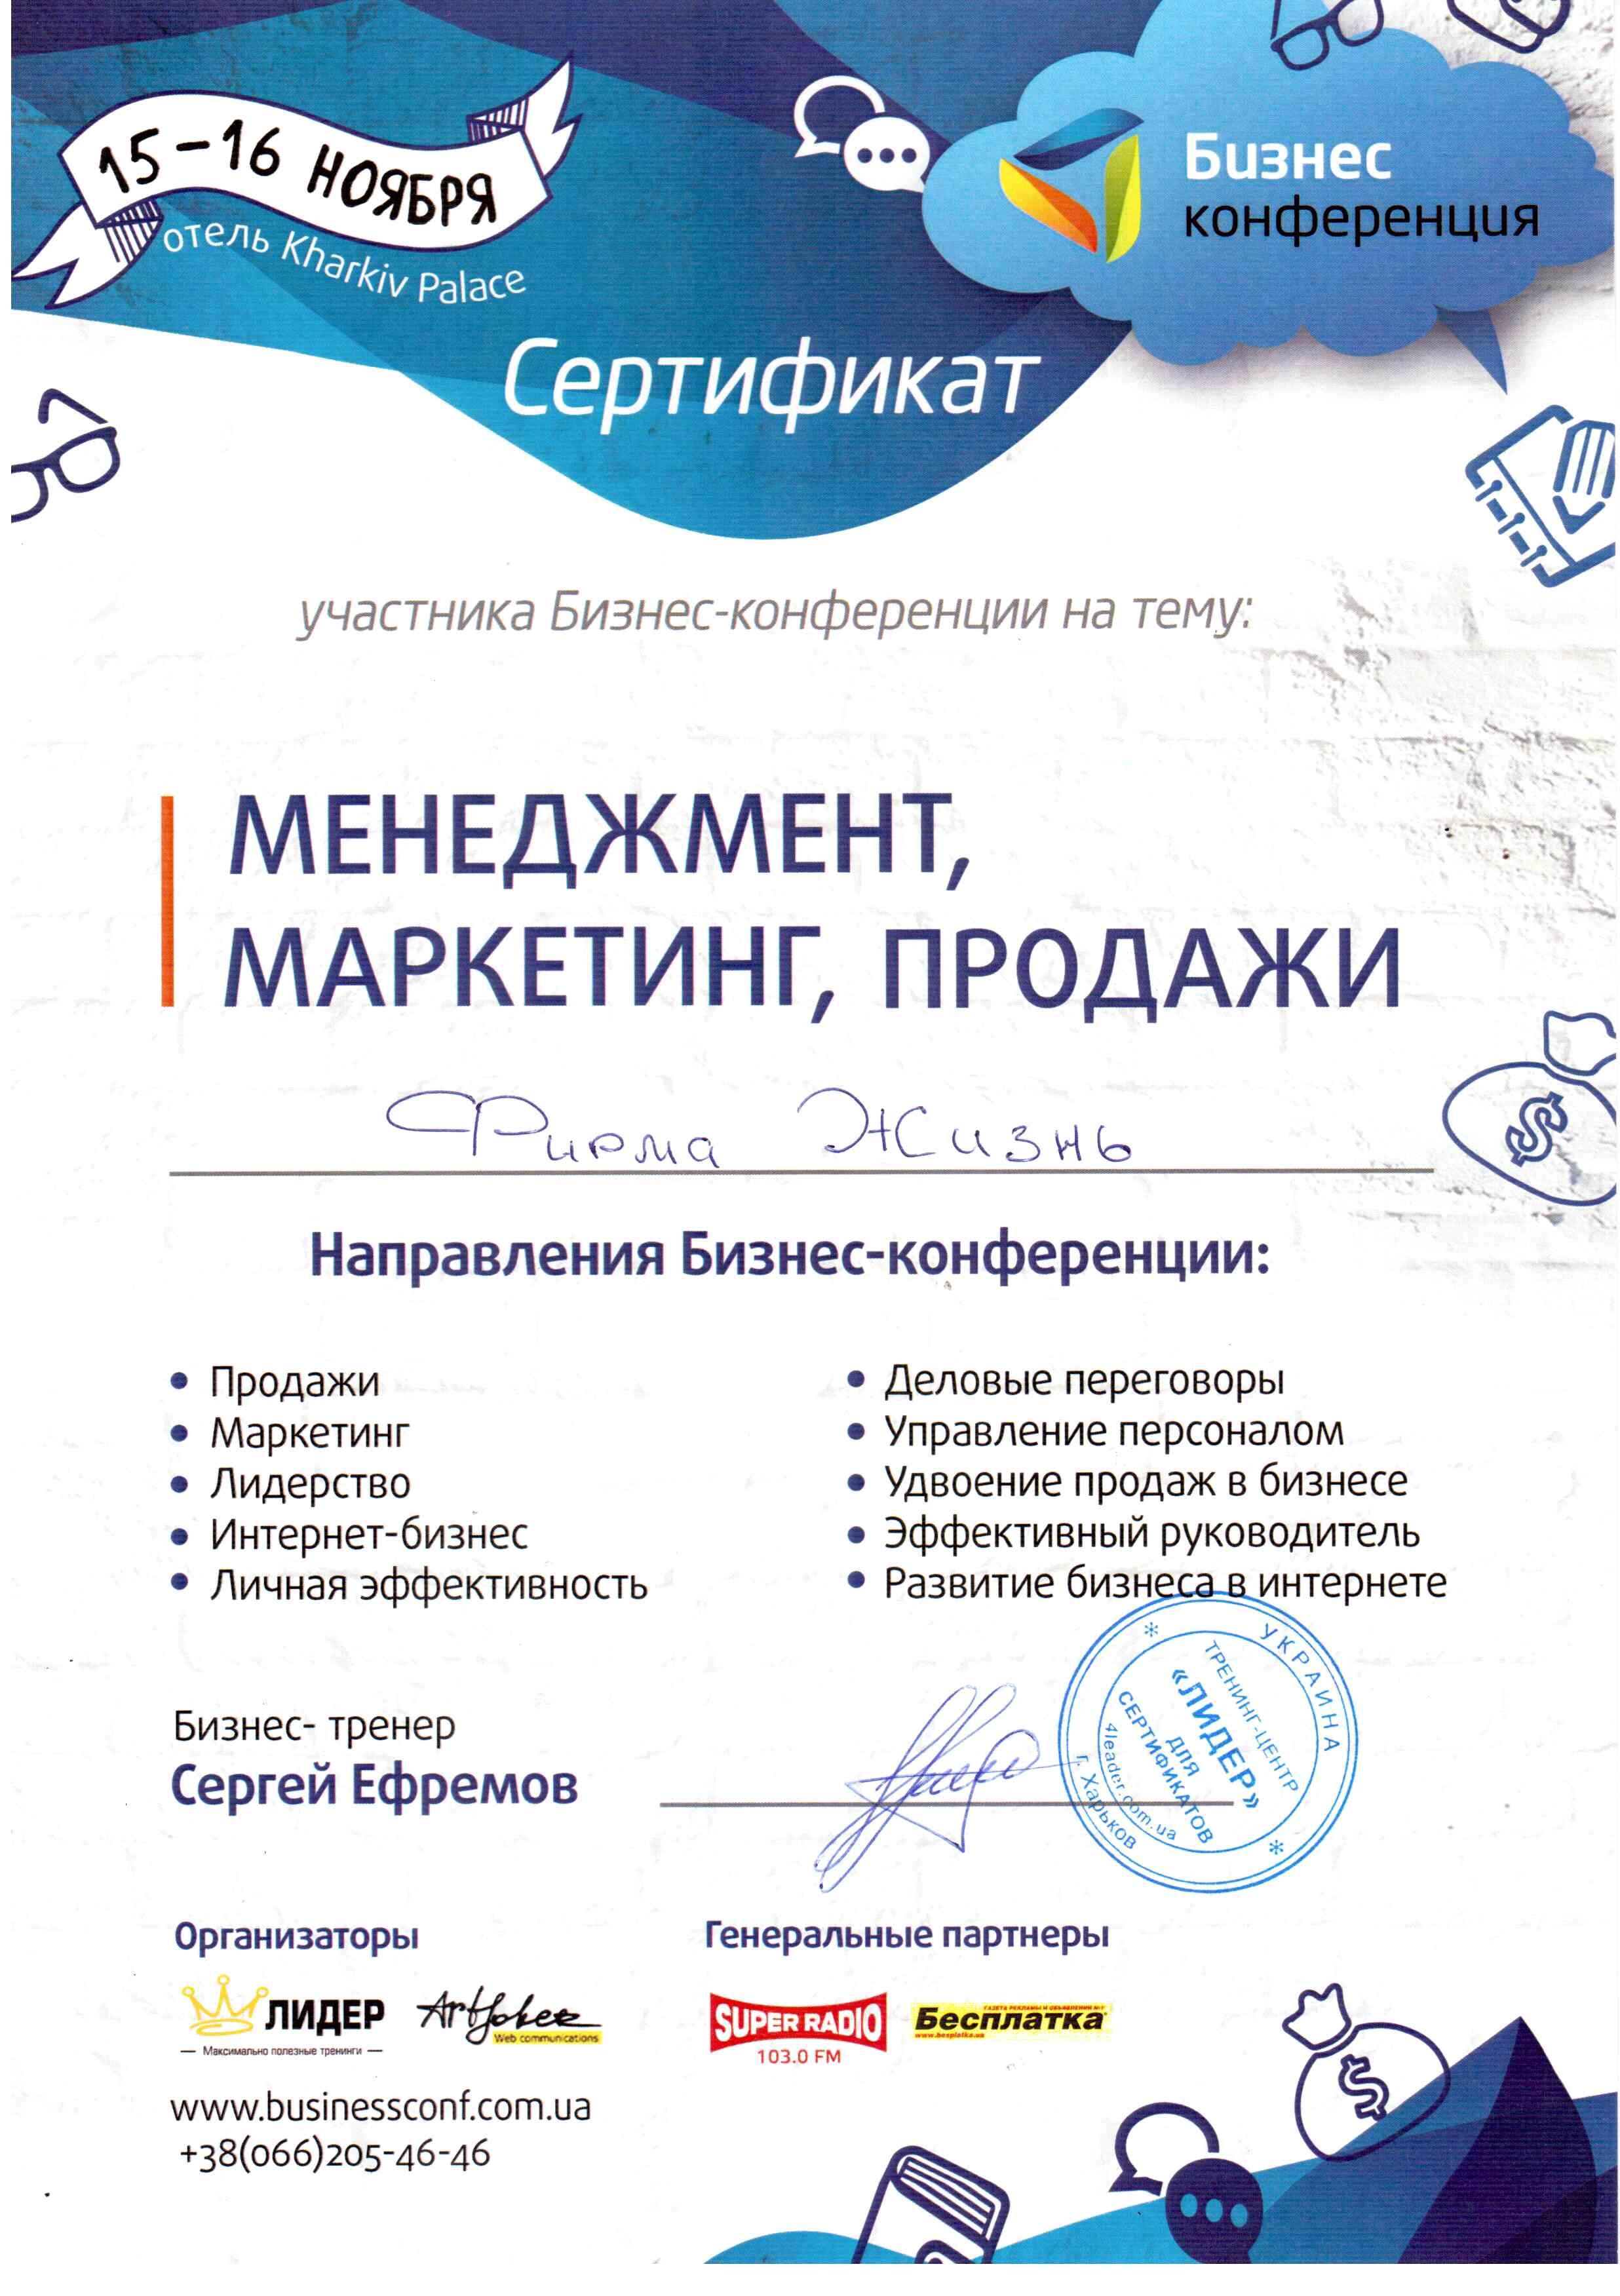 Стройматериалы купить Харьков цена